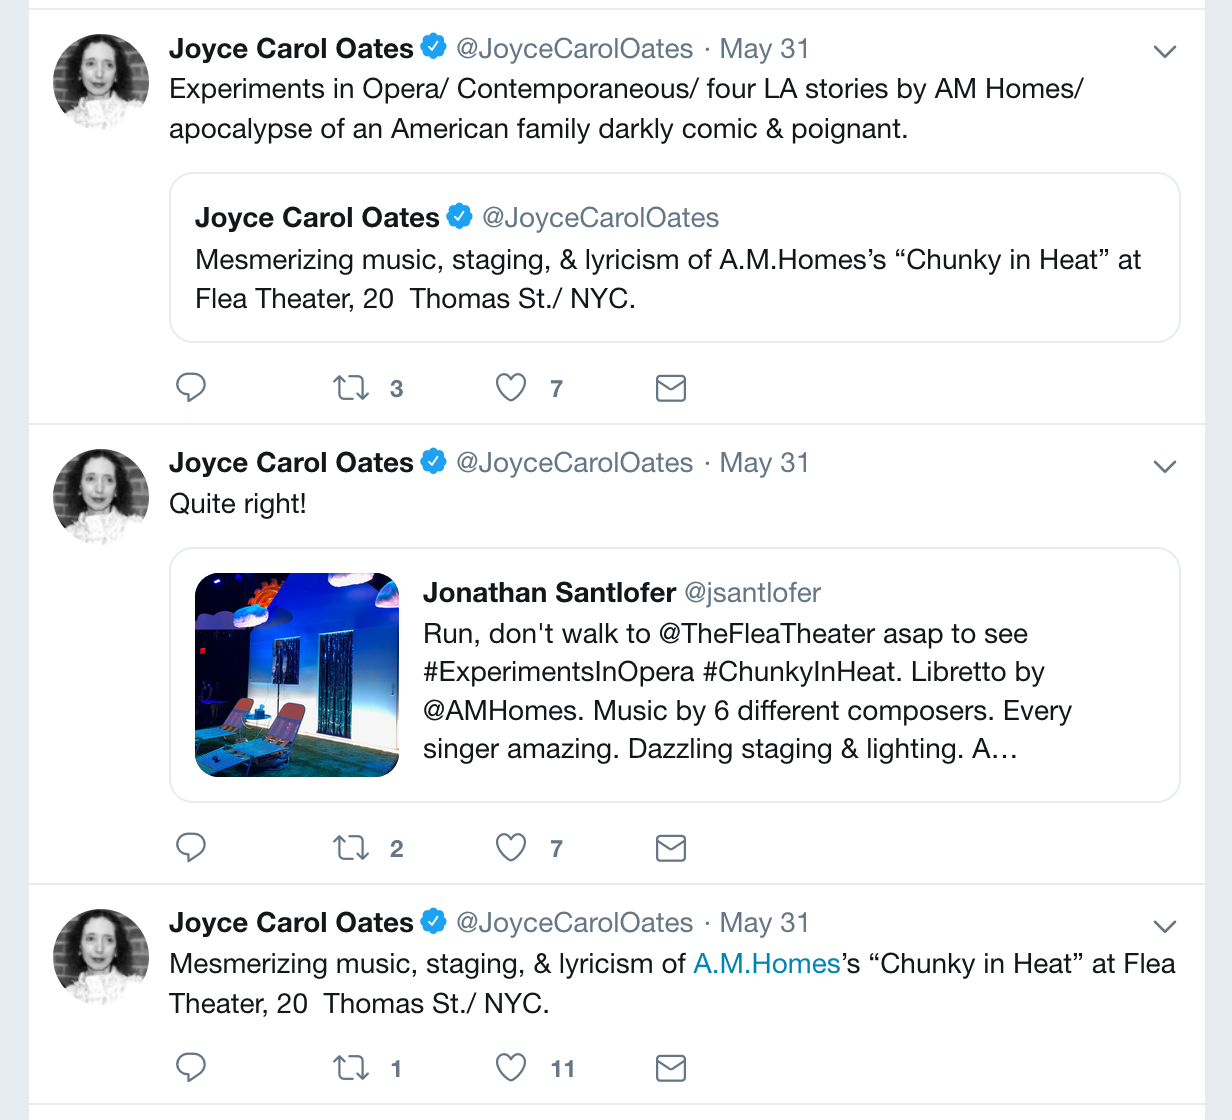 Joyce Carol Oates Tweet Screen Shot 2019-06-03 at 4.22.47 PM.png